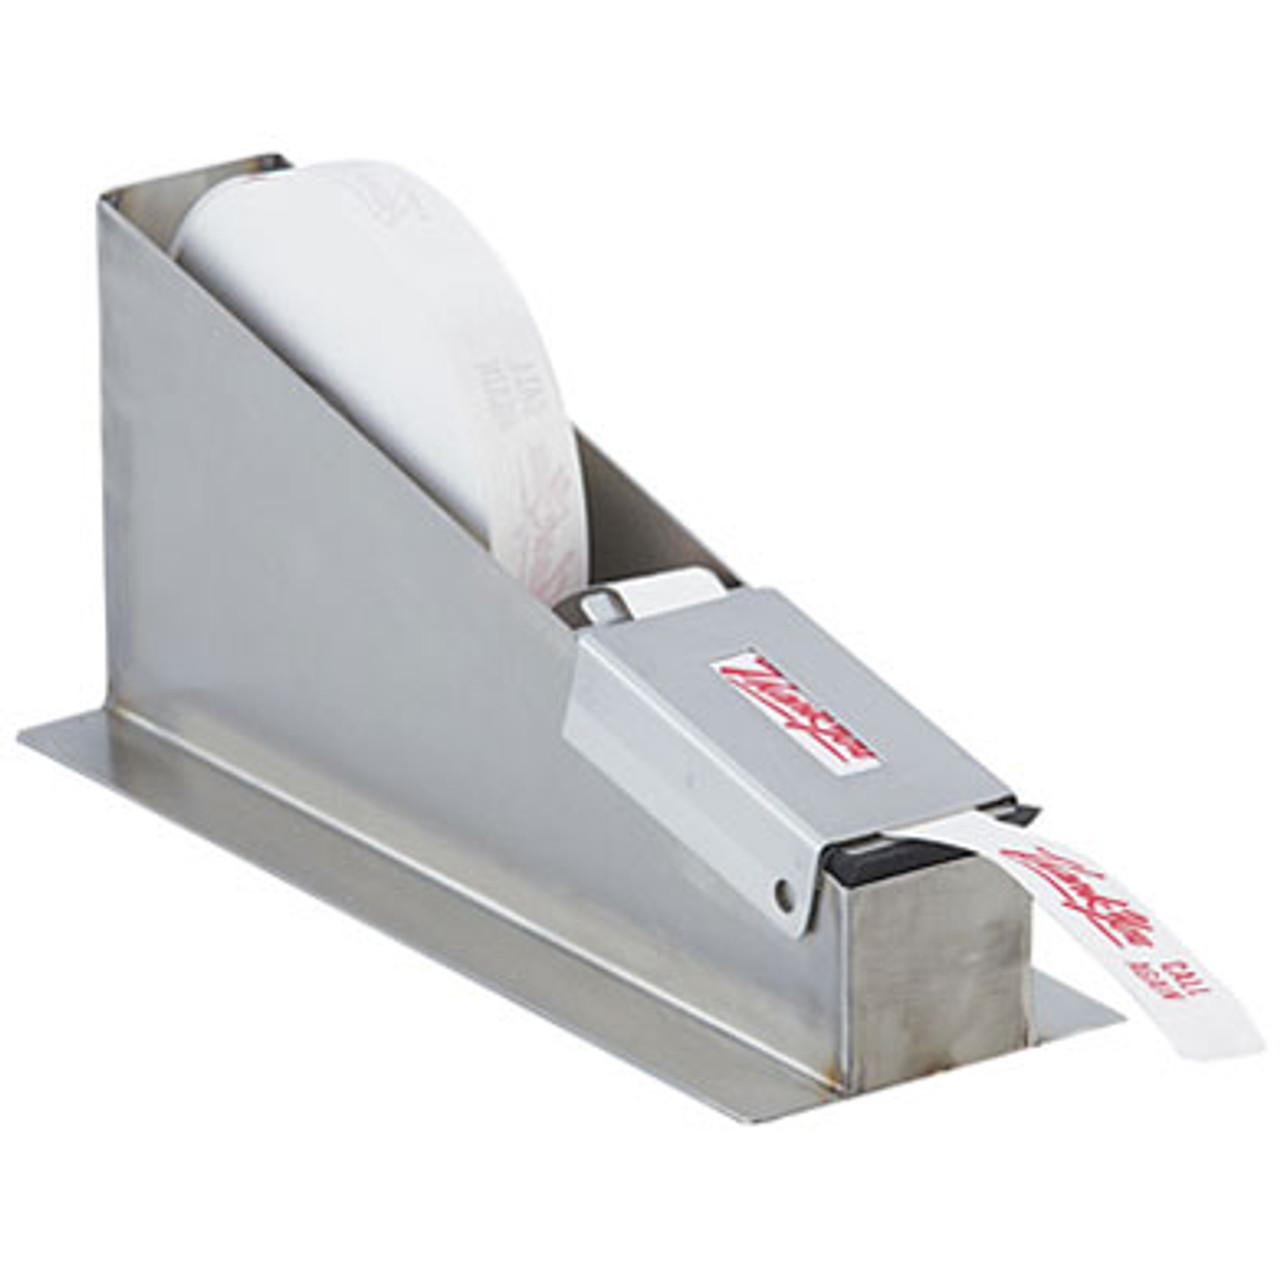 Manuel Gum Tape Dispenser Stainless